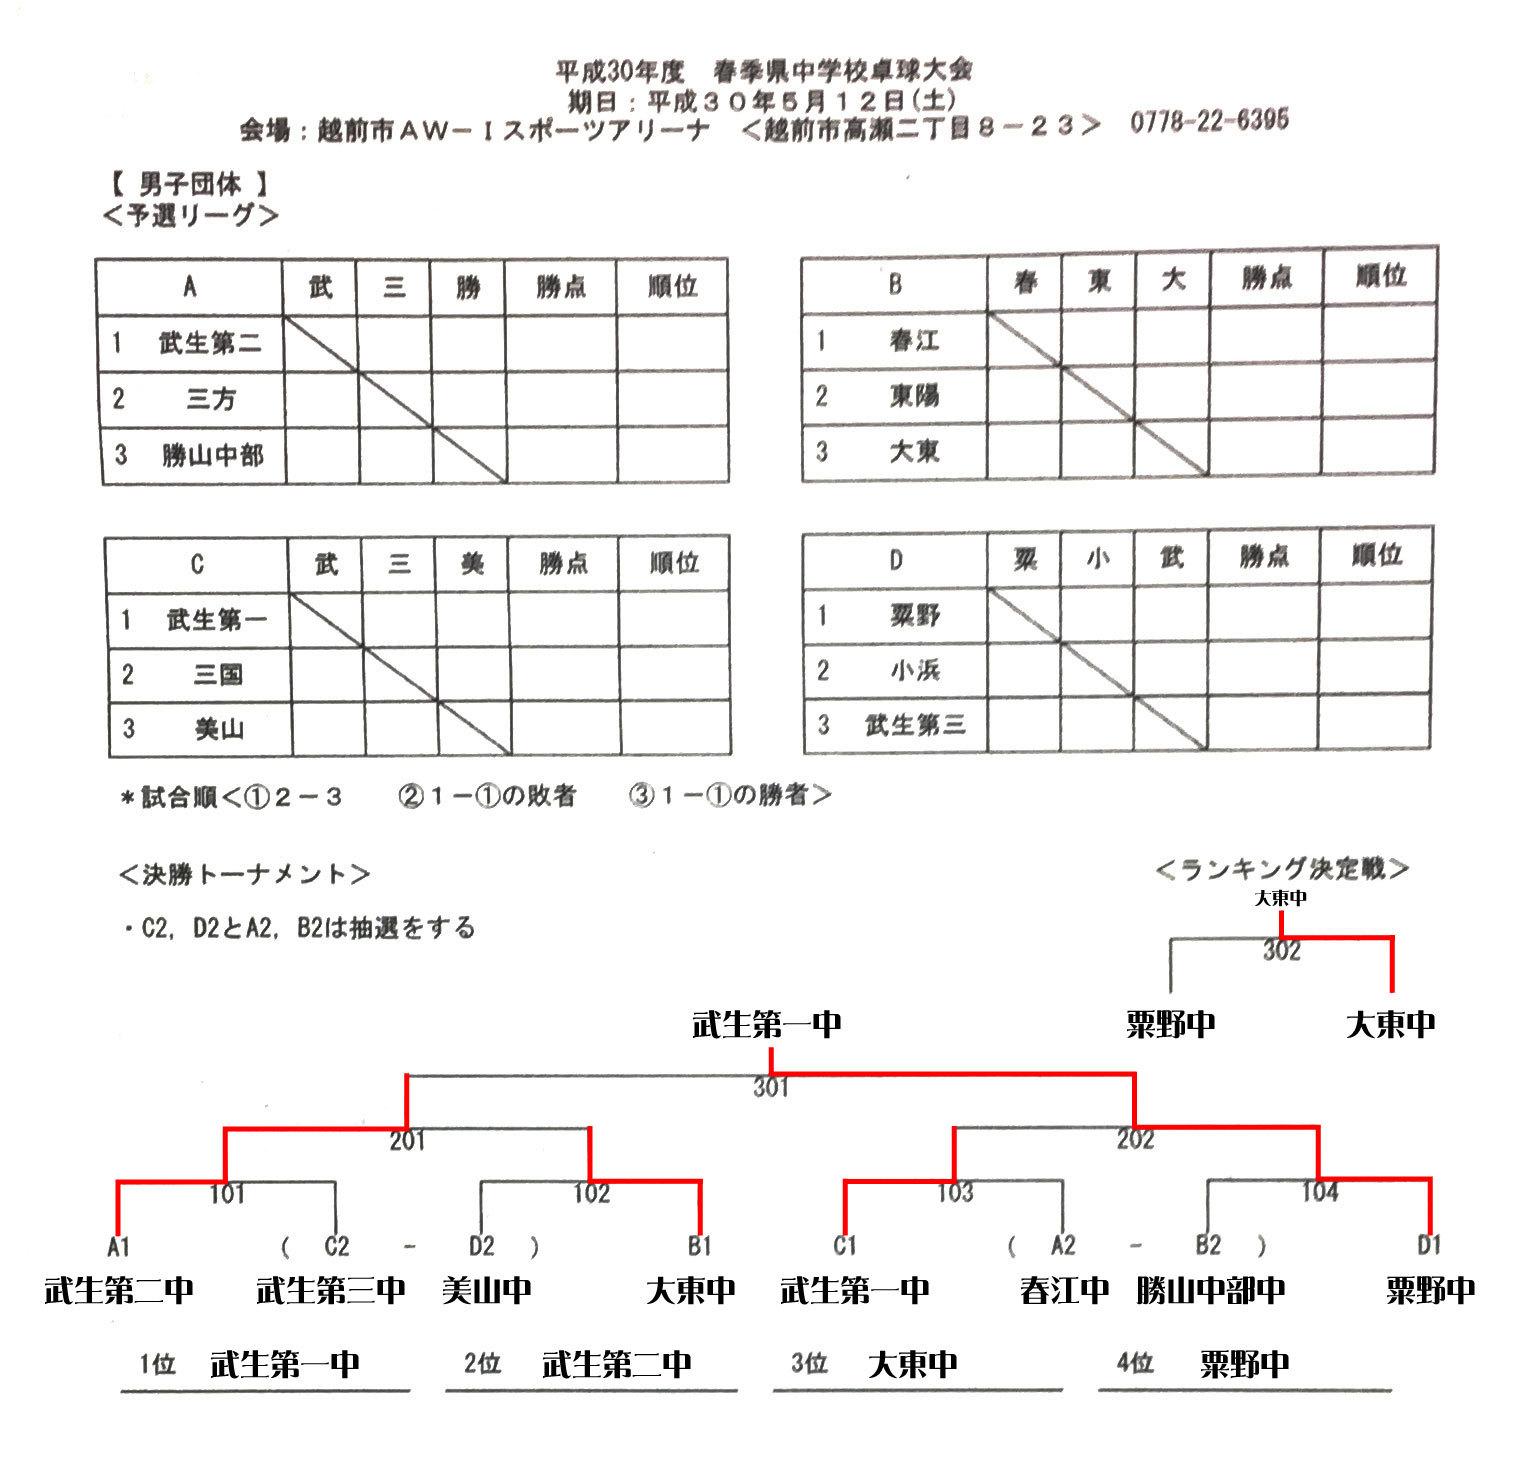 20180512_春季県中学校卓球大会(中体連)団体結果